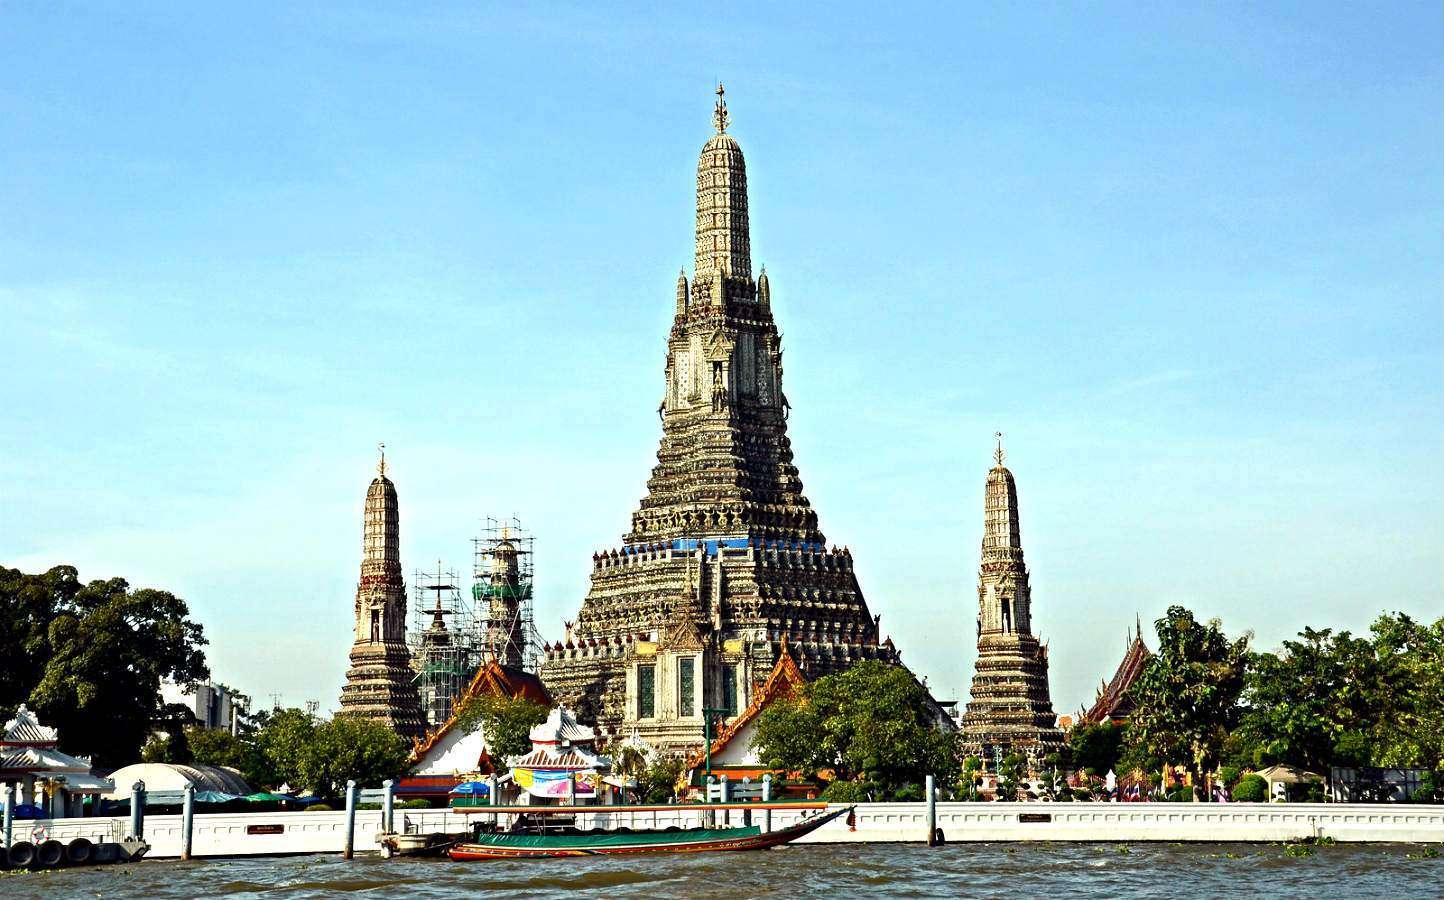 Wat Arun, tempel van de dageraad, opvallend gebouw aan de Chao Phraya Rivier in Bangkok